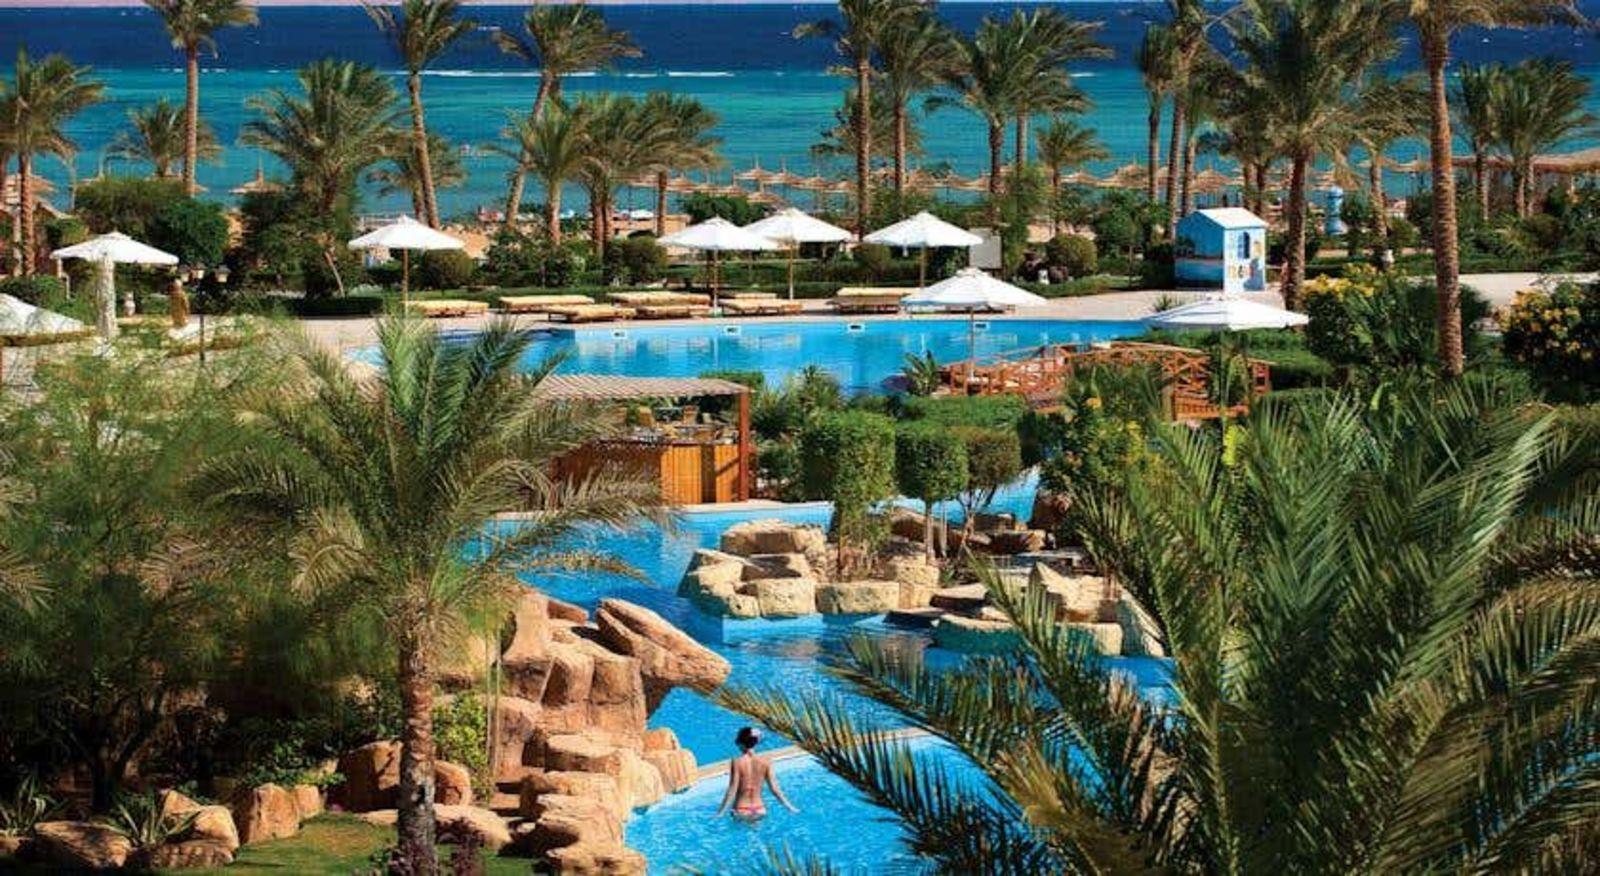 Egypt, Sharm el Sheikh, sharm